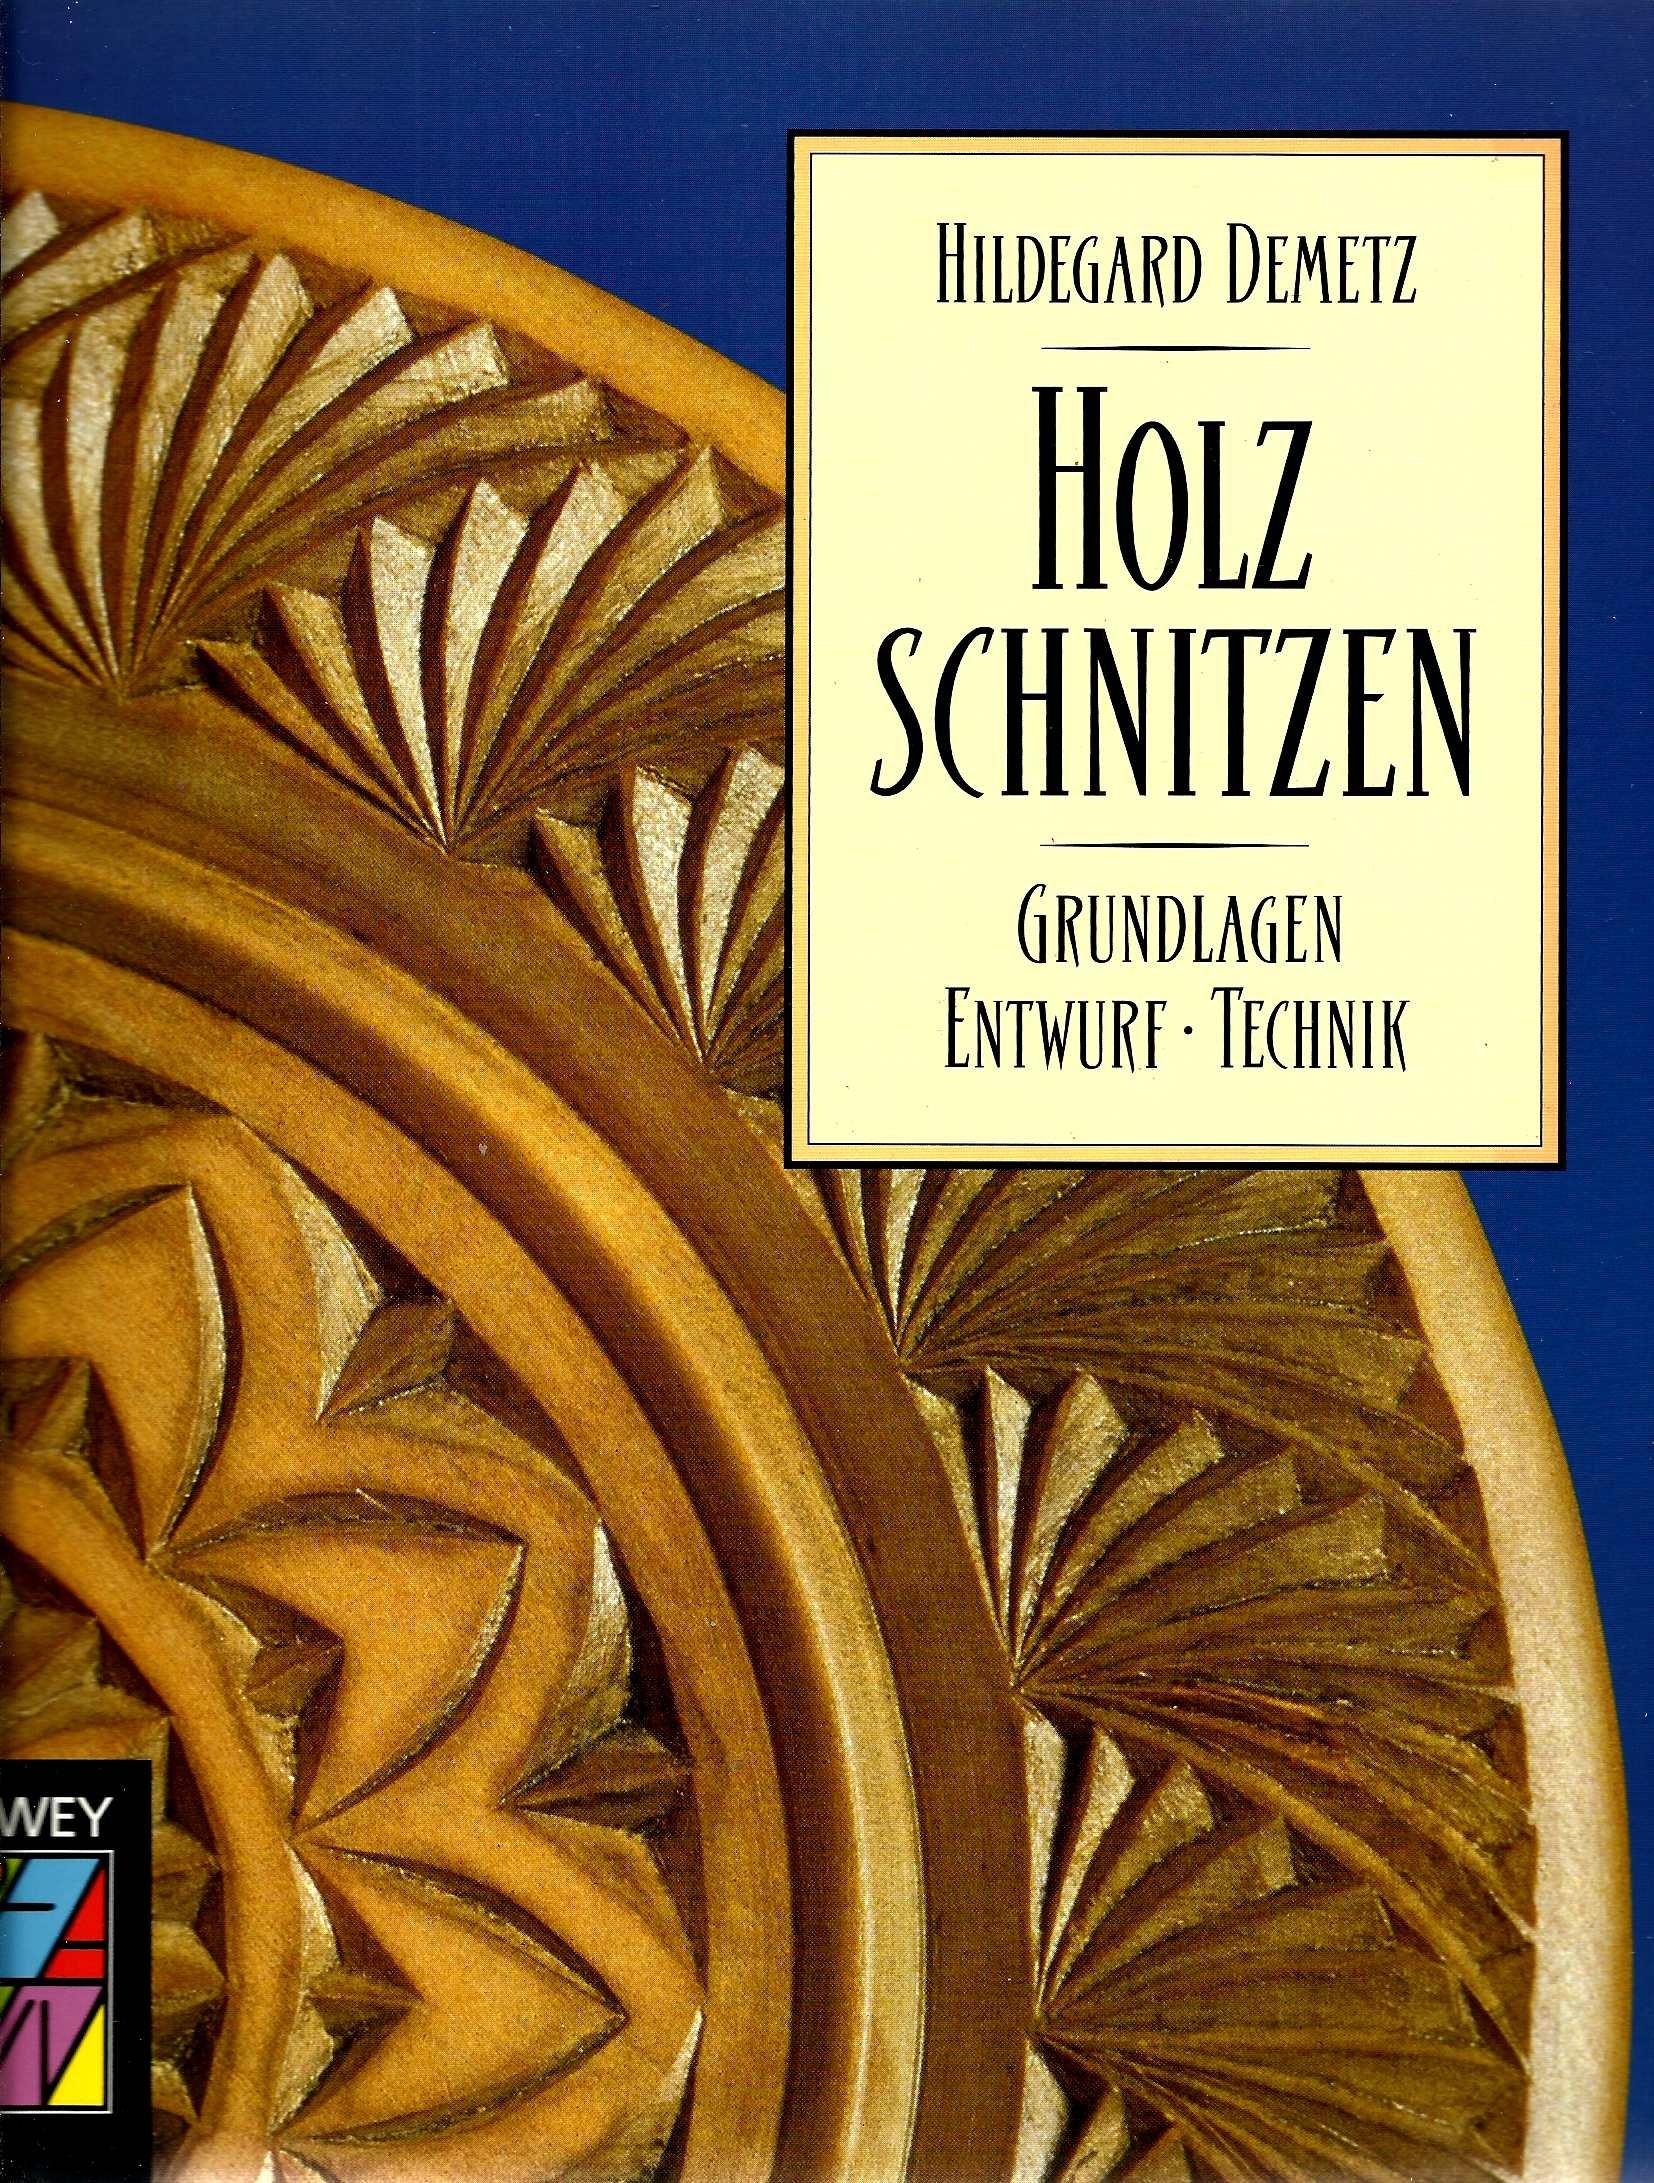 Holzschnitzen: Grundlagen, Entwurf, Technik